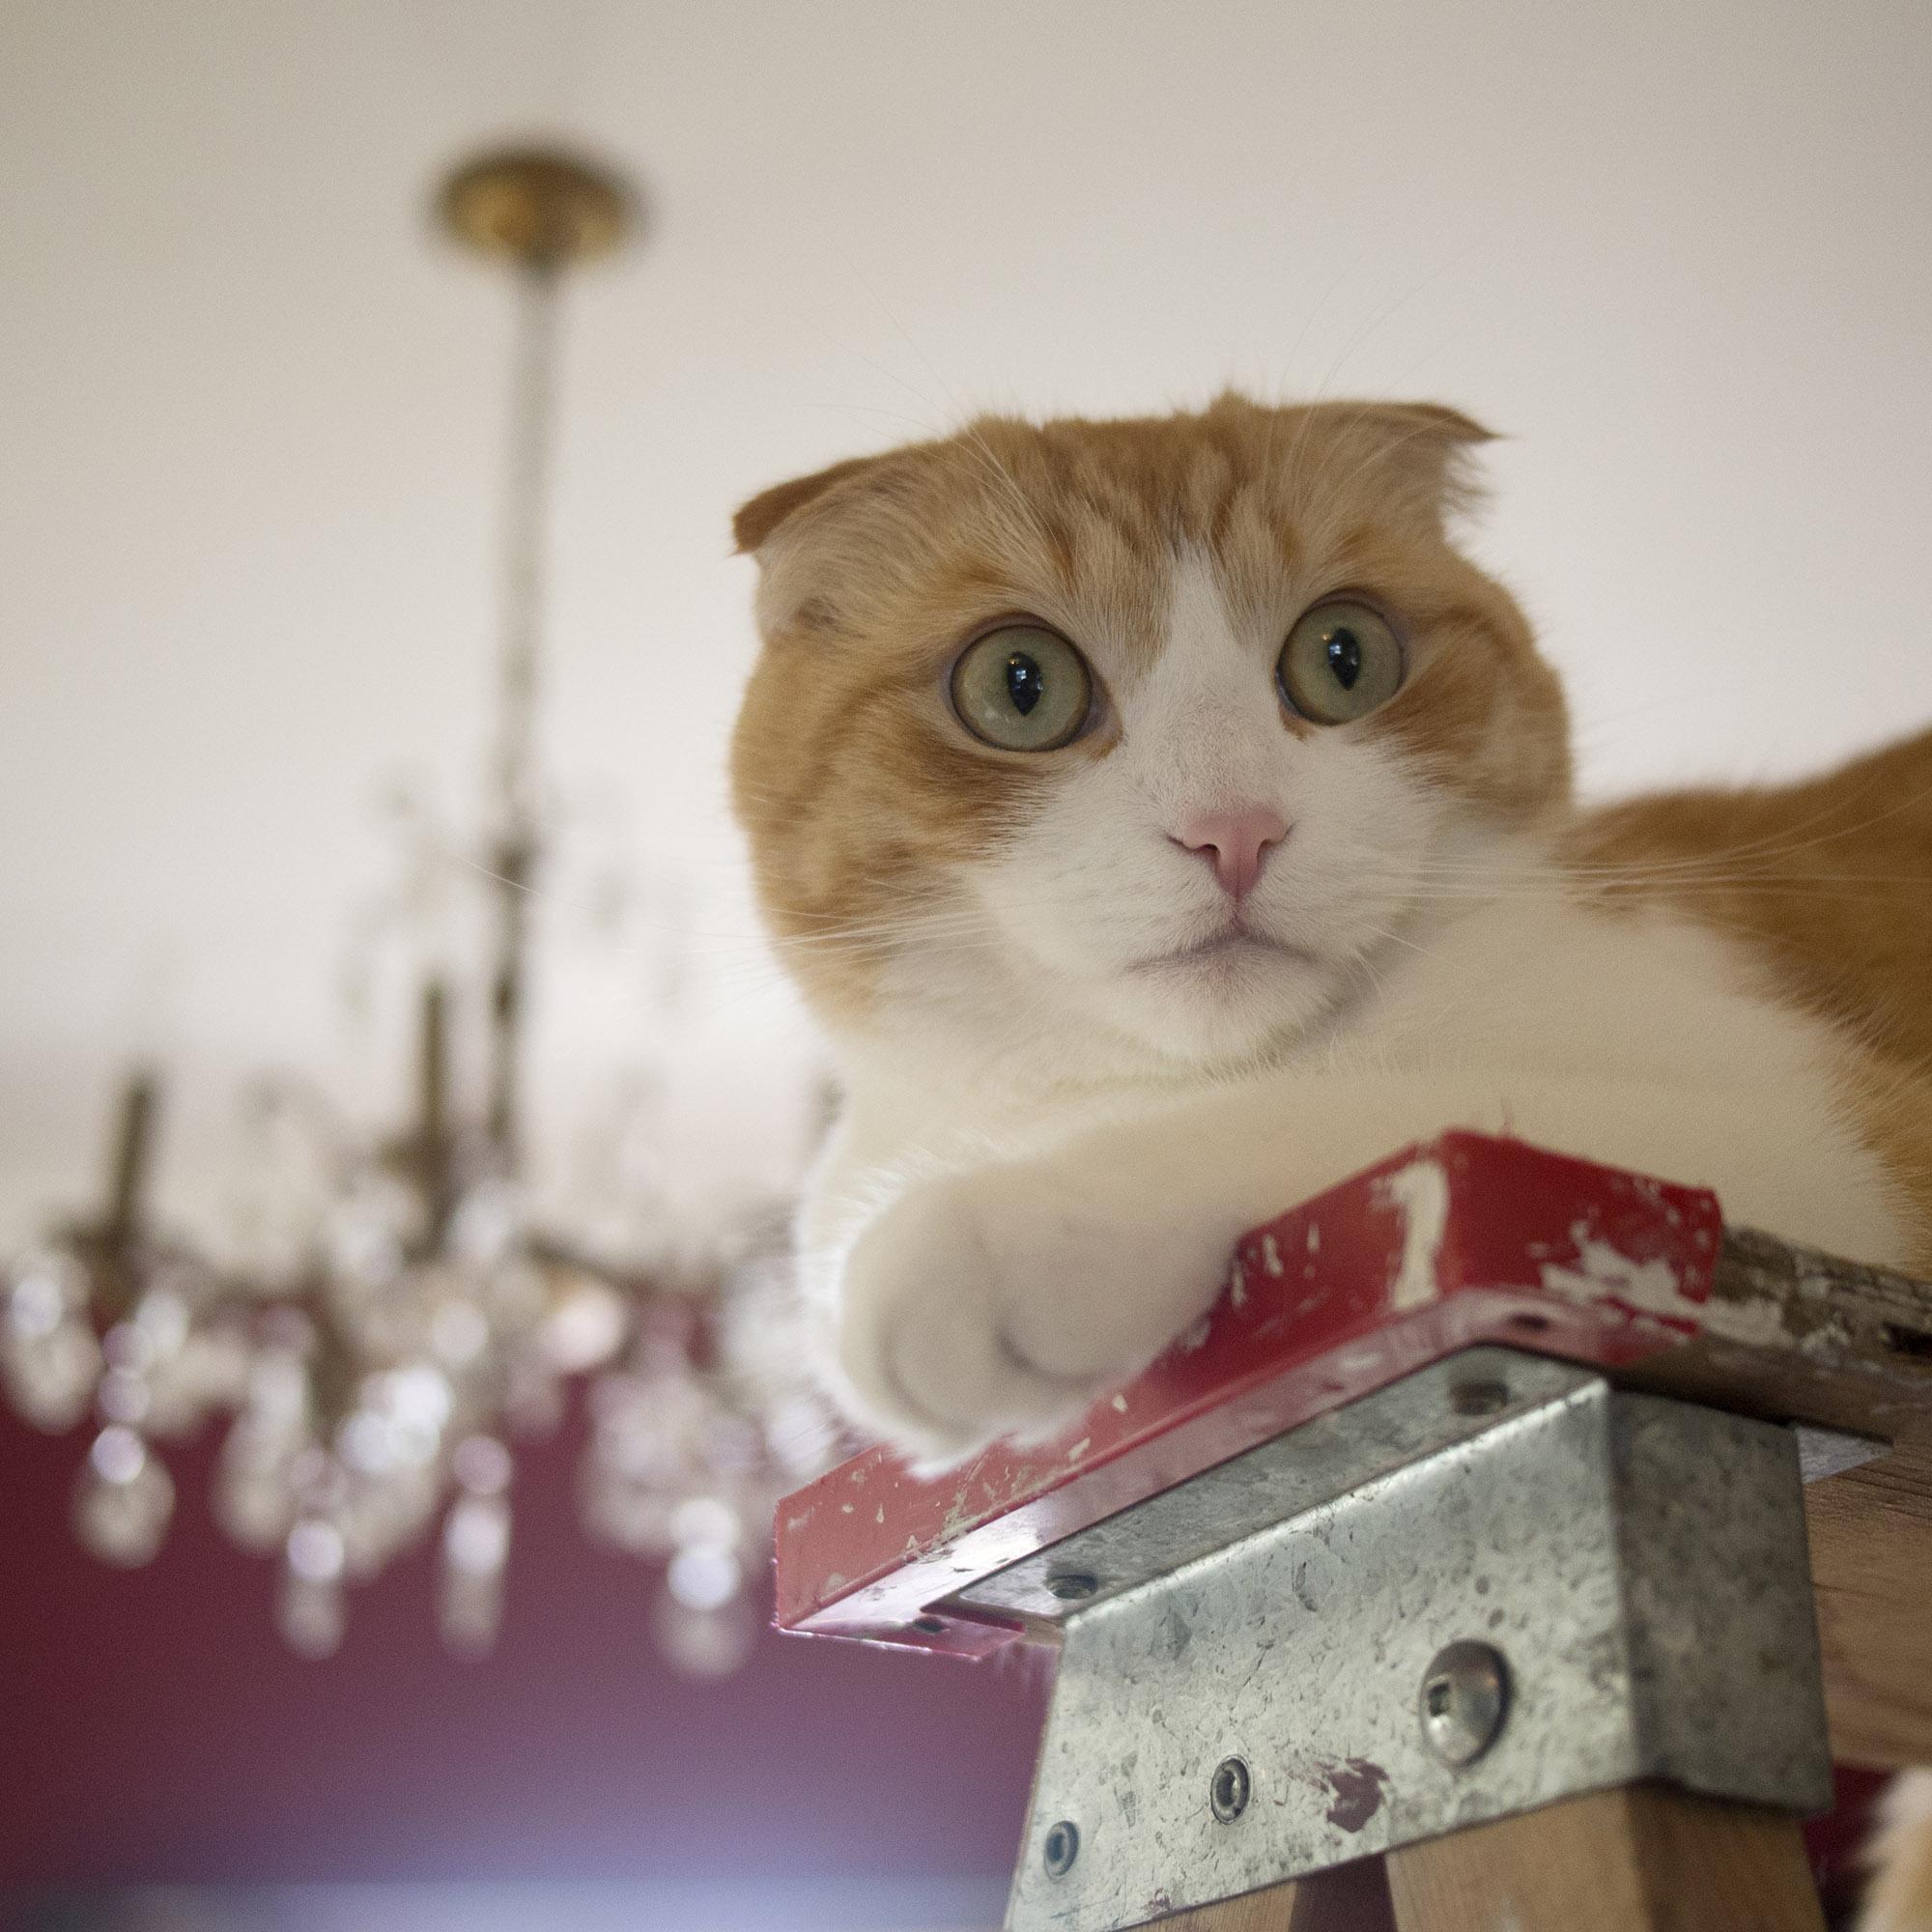 Edgar on his ladder